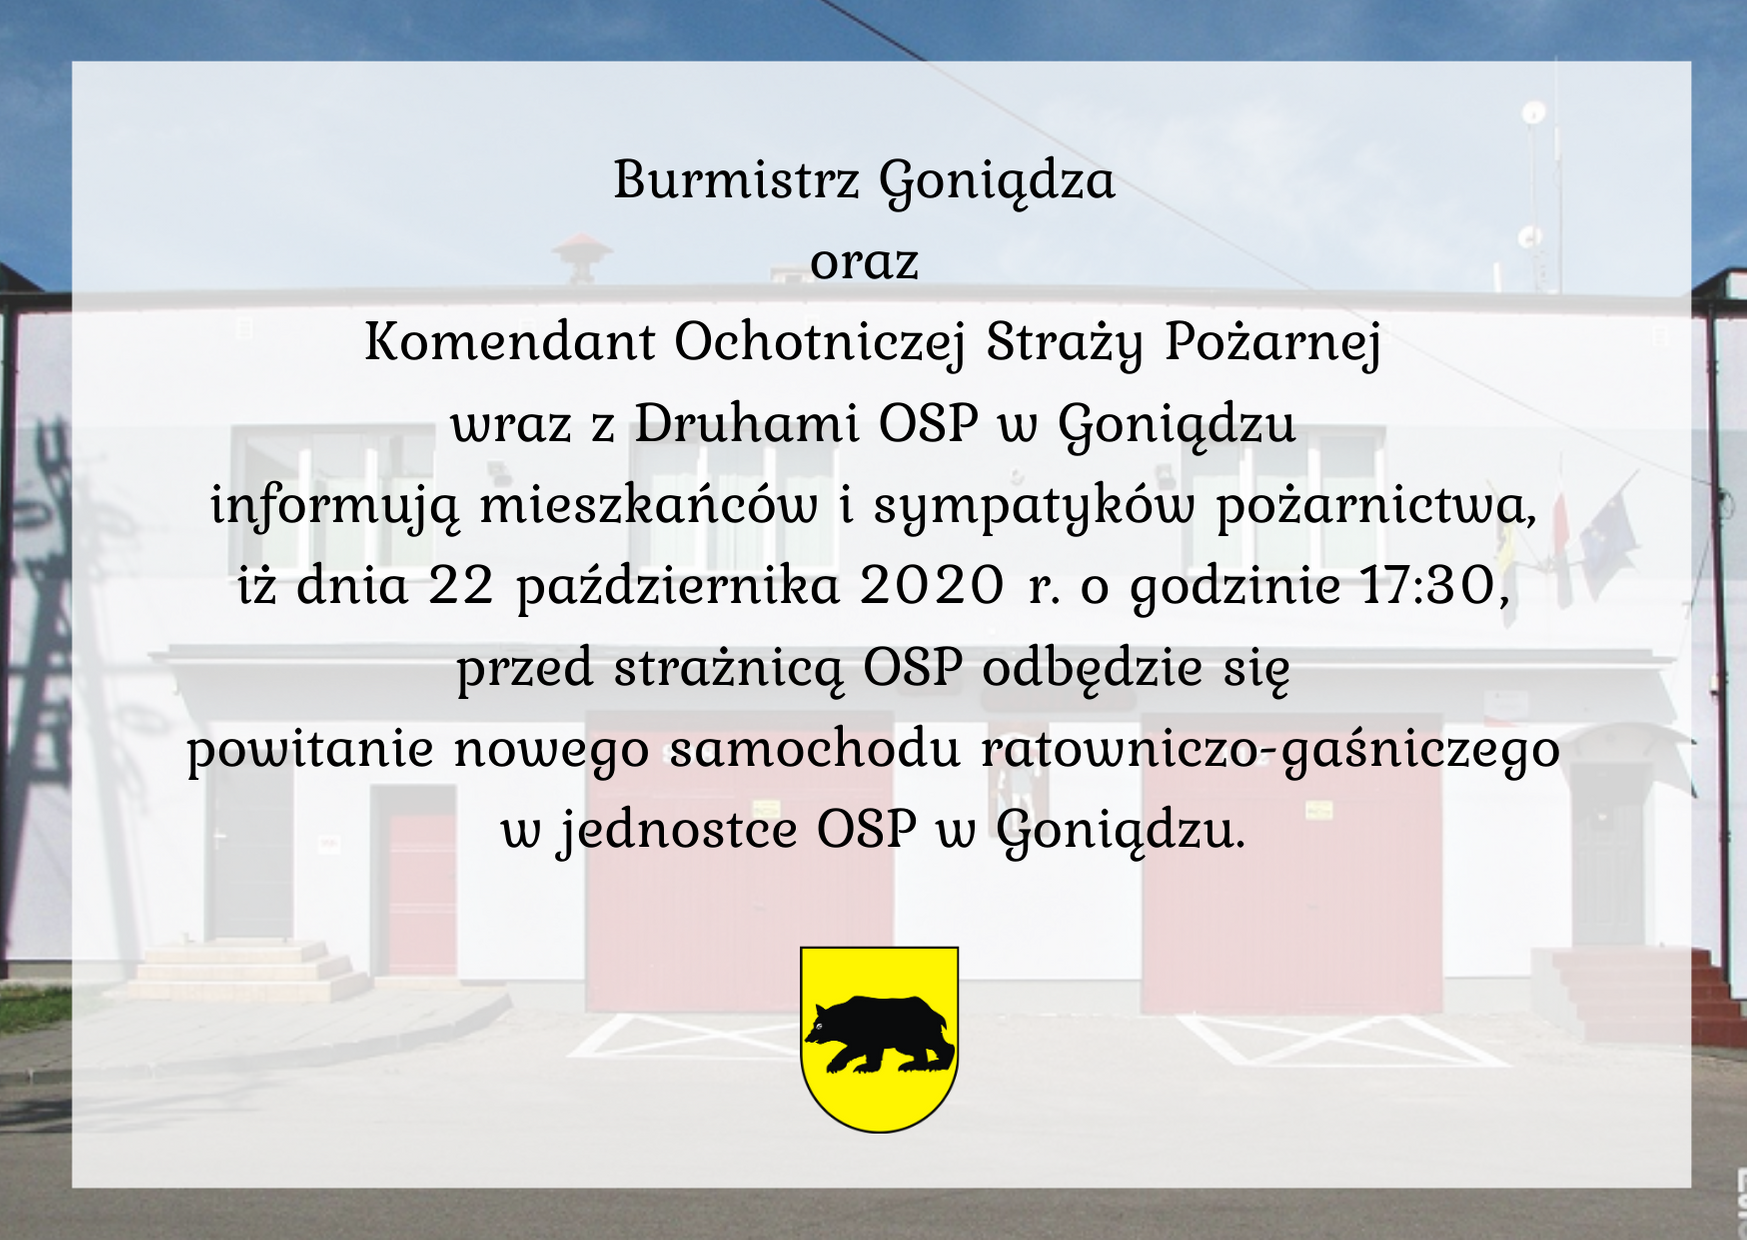 Powitanie nowego wozu strażackiego w OSP w Goniądzu